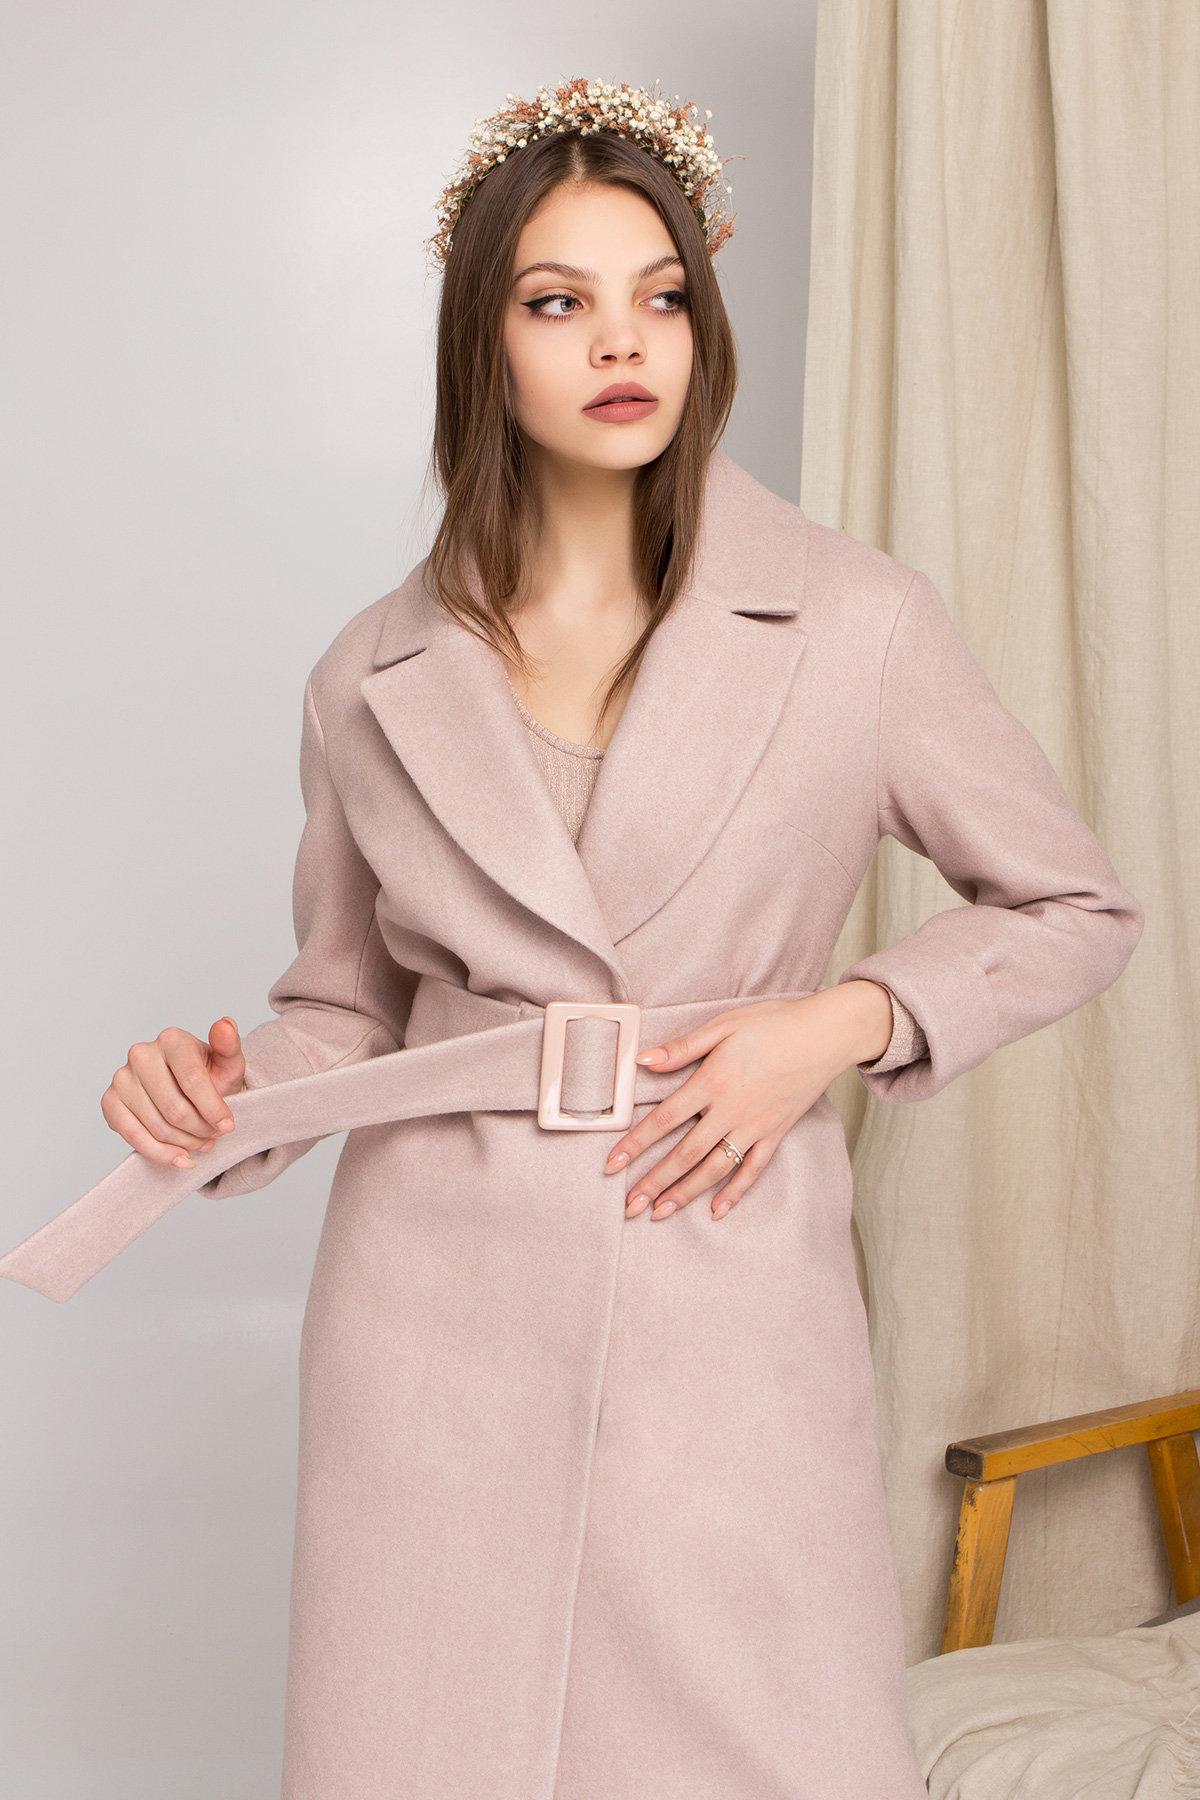 Стильное бежевое пальто Севен 8755 АРТ. 45112 Цвет: Бежевый меланж - фото 2, интернет магазин tm-modus.ru